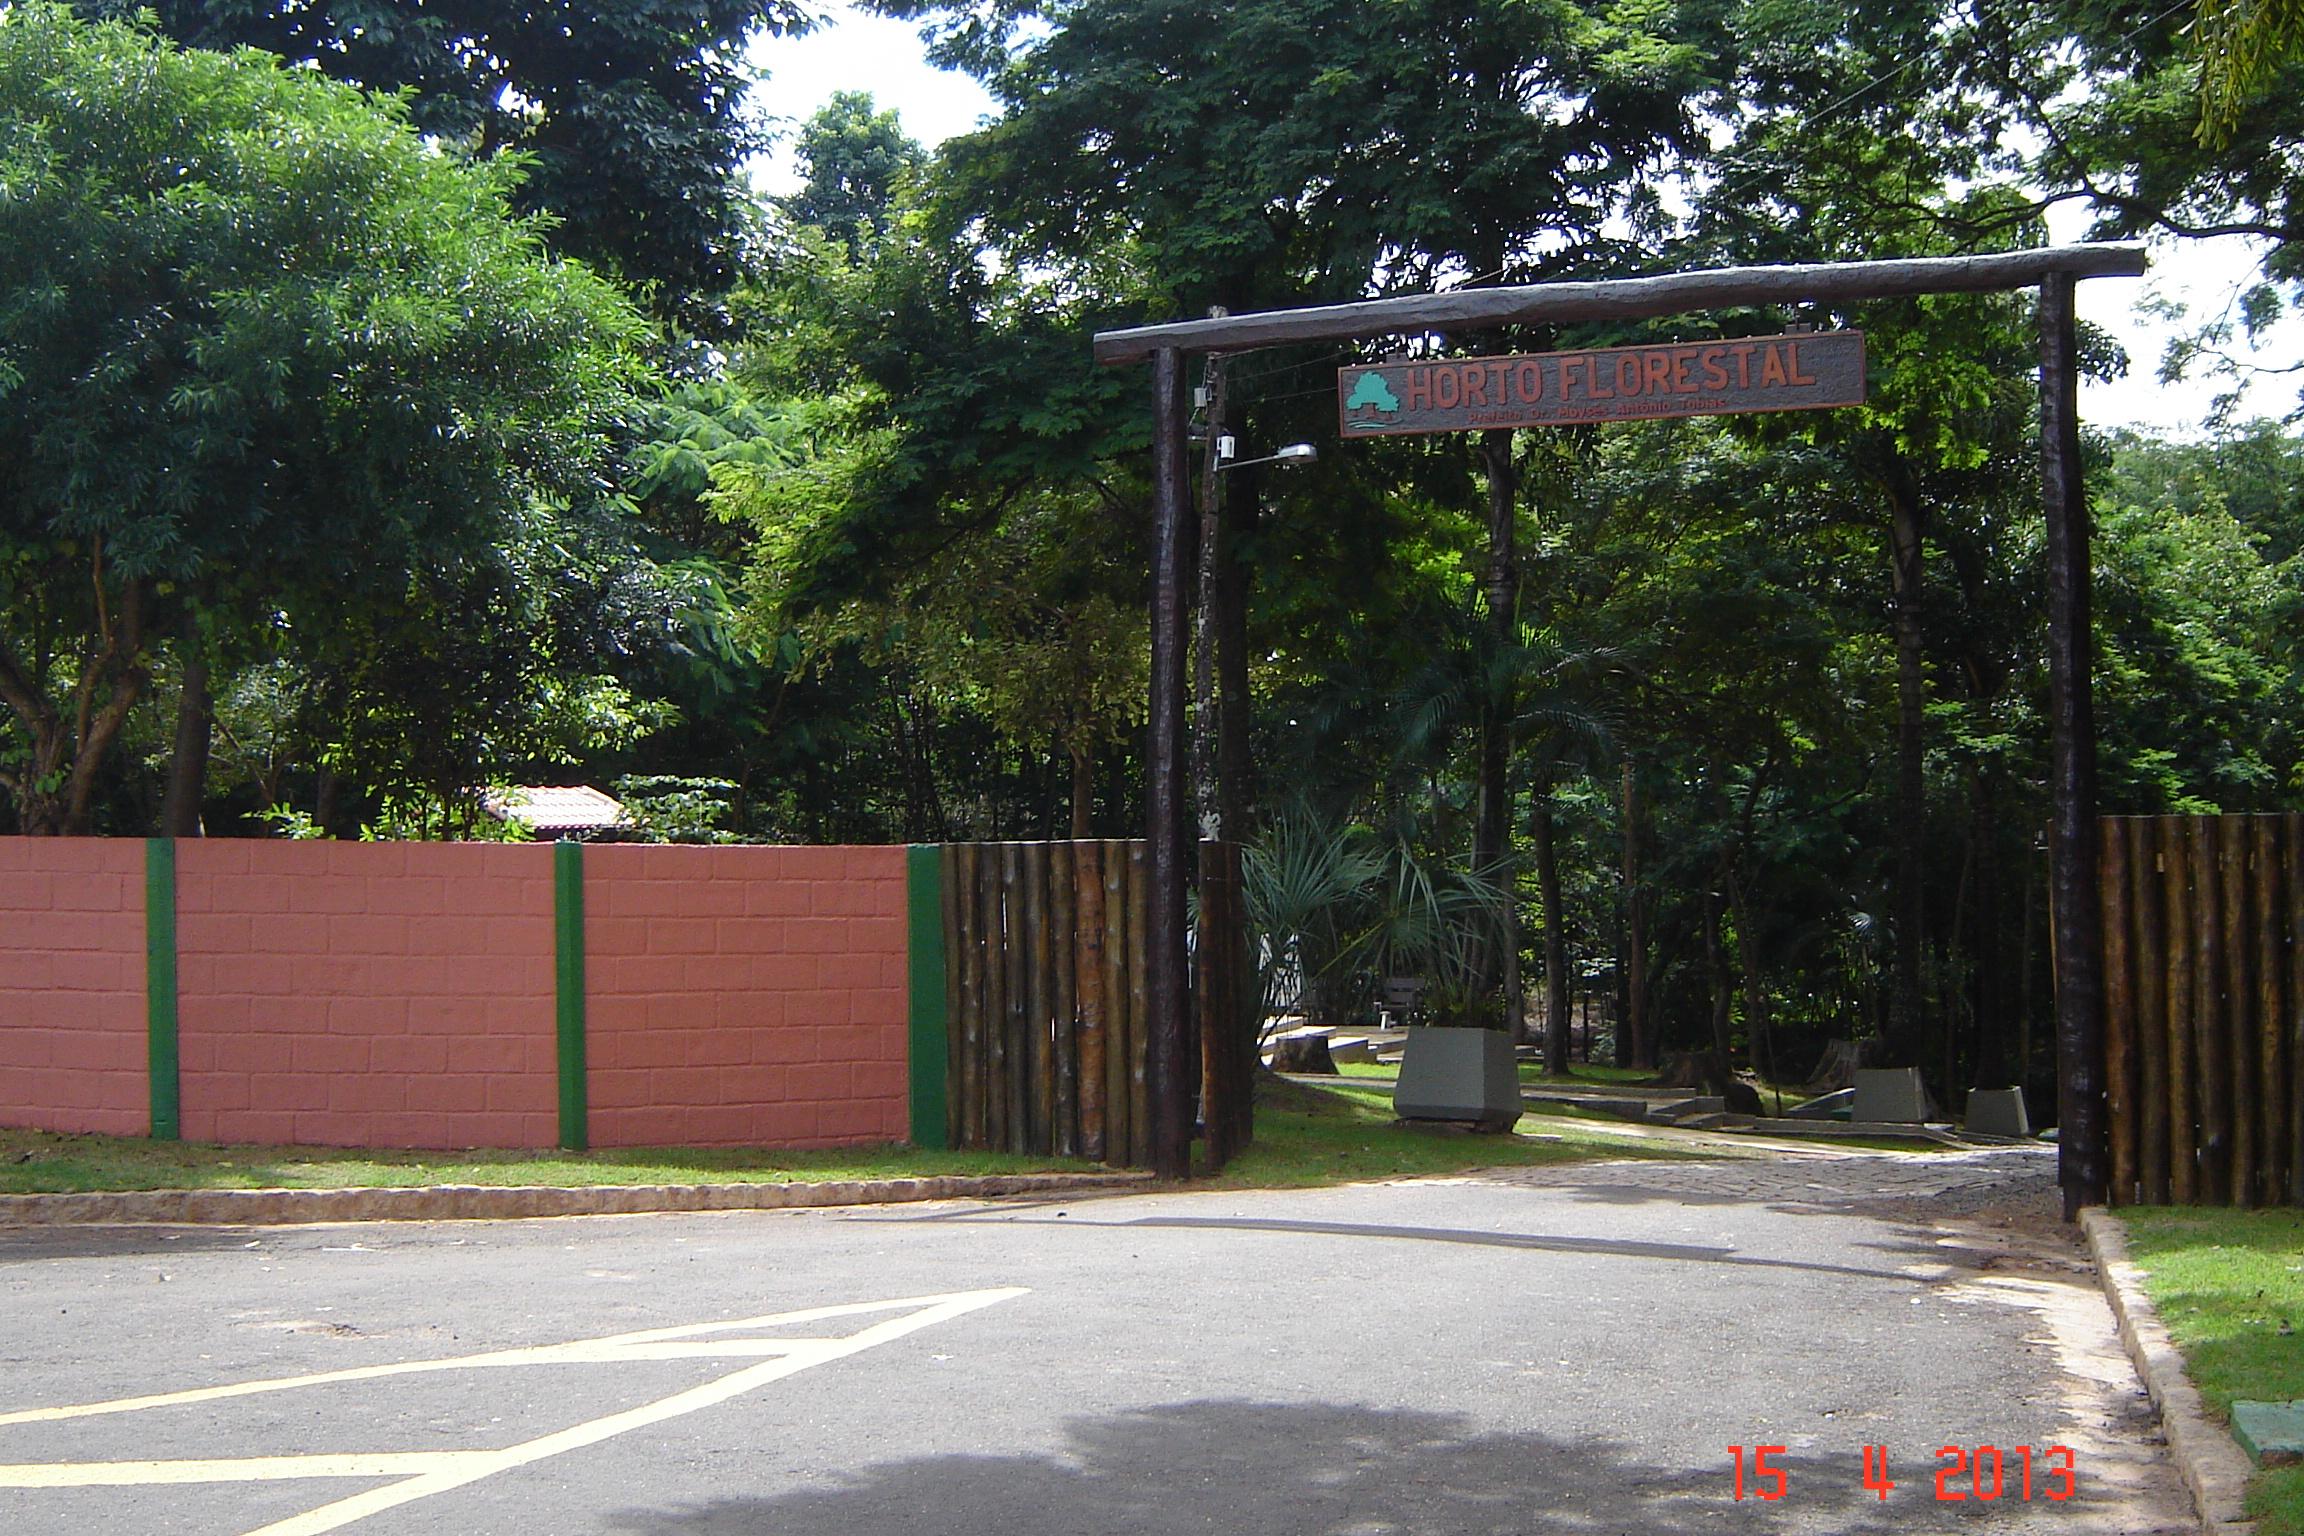 Durante o passeio o visitante pode conhecer algumas árvores do Horto Florestal de Lins